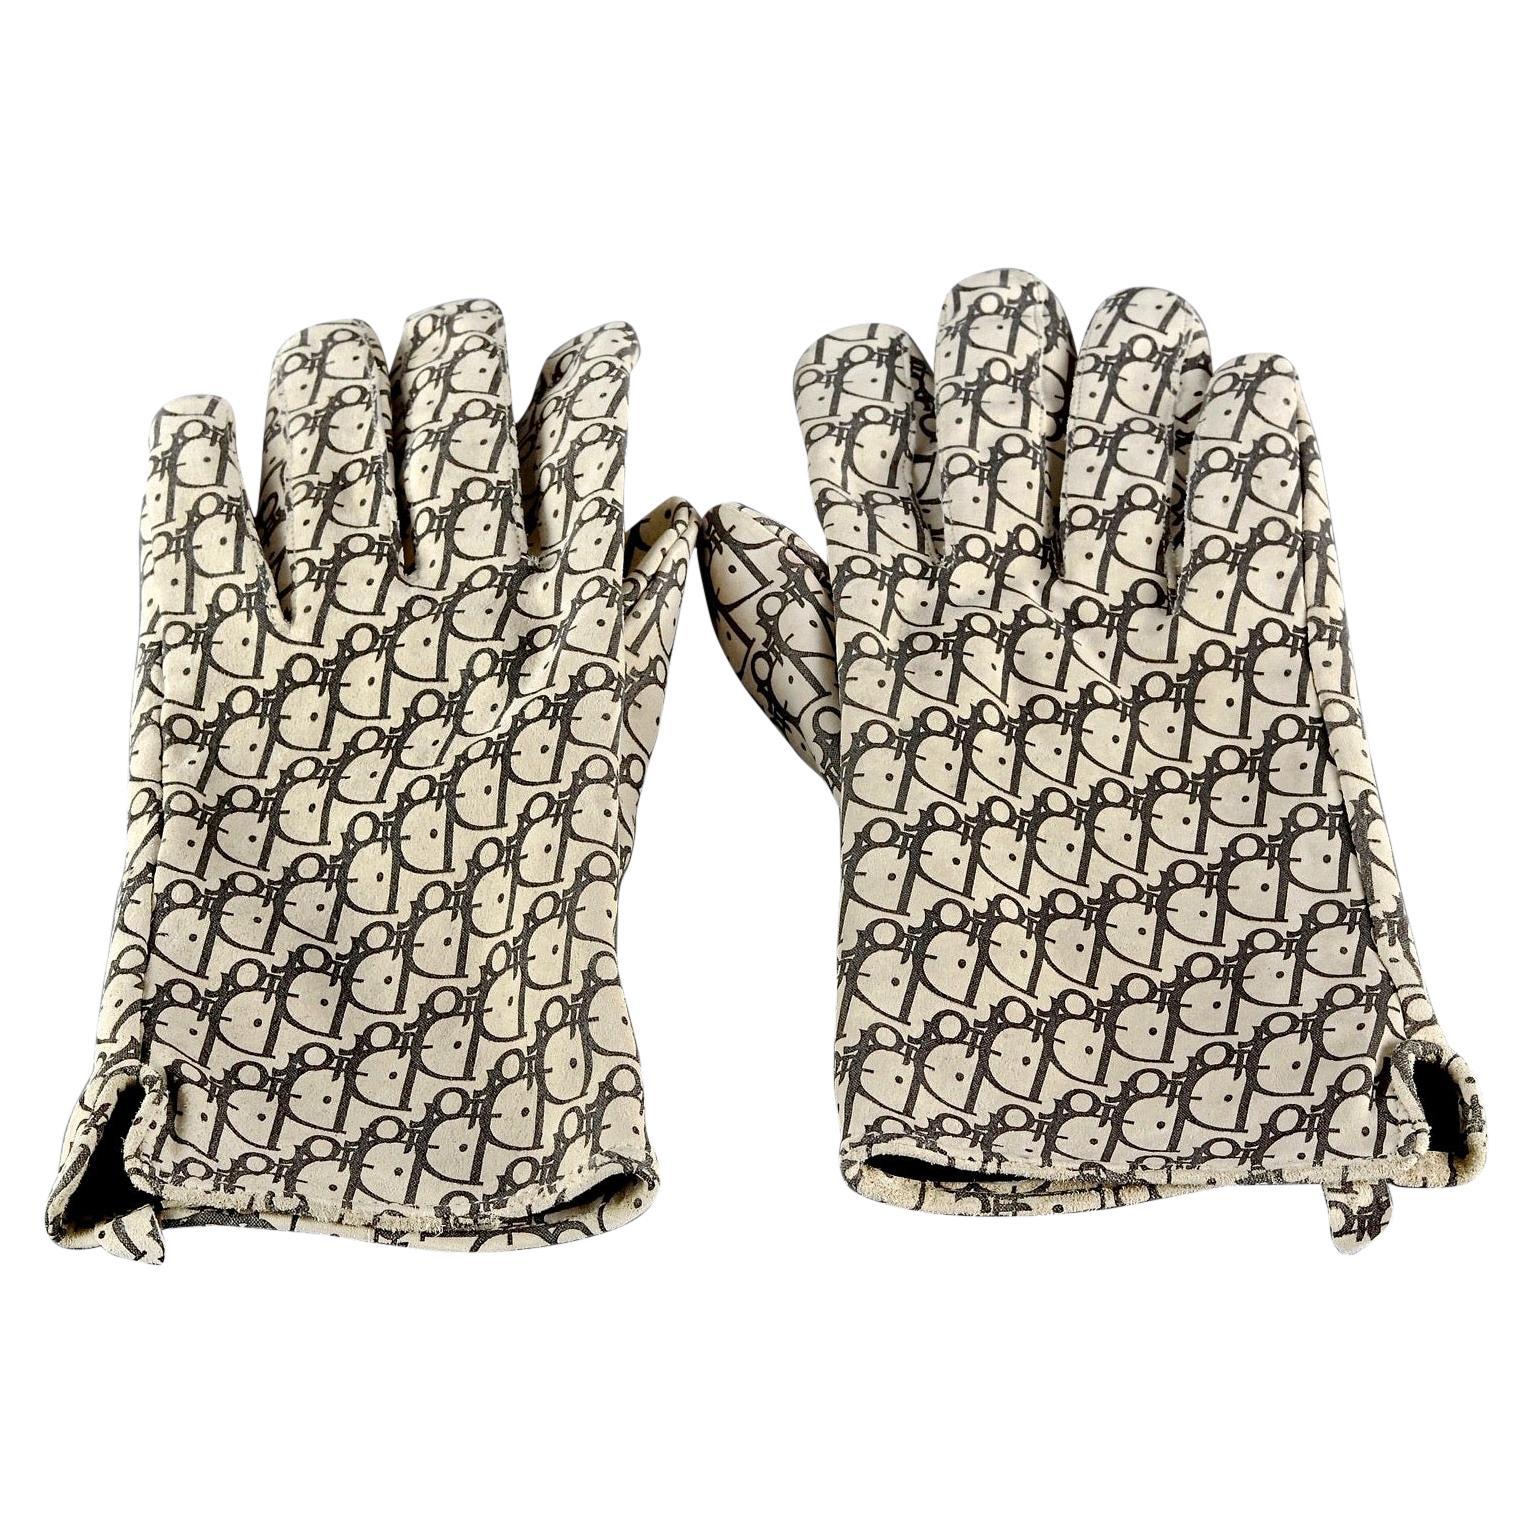 Vintage CHRISTIAN DIOR Monogram Logo Leather Gloves